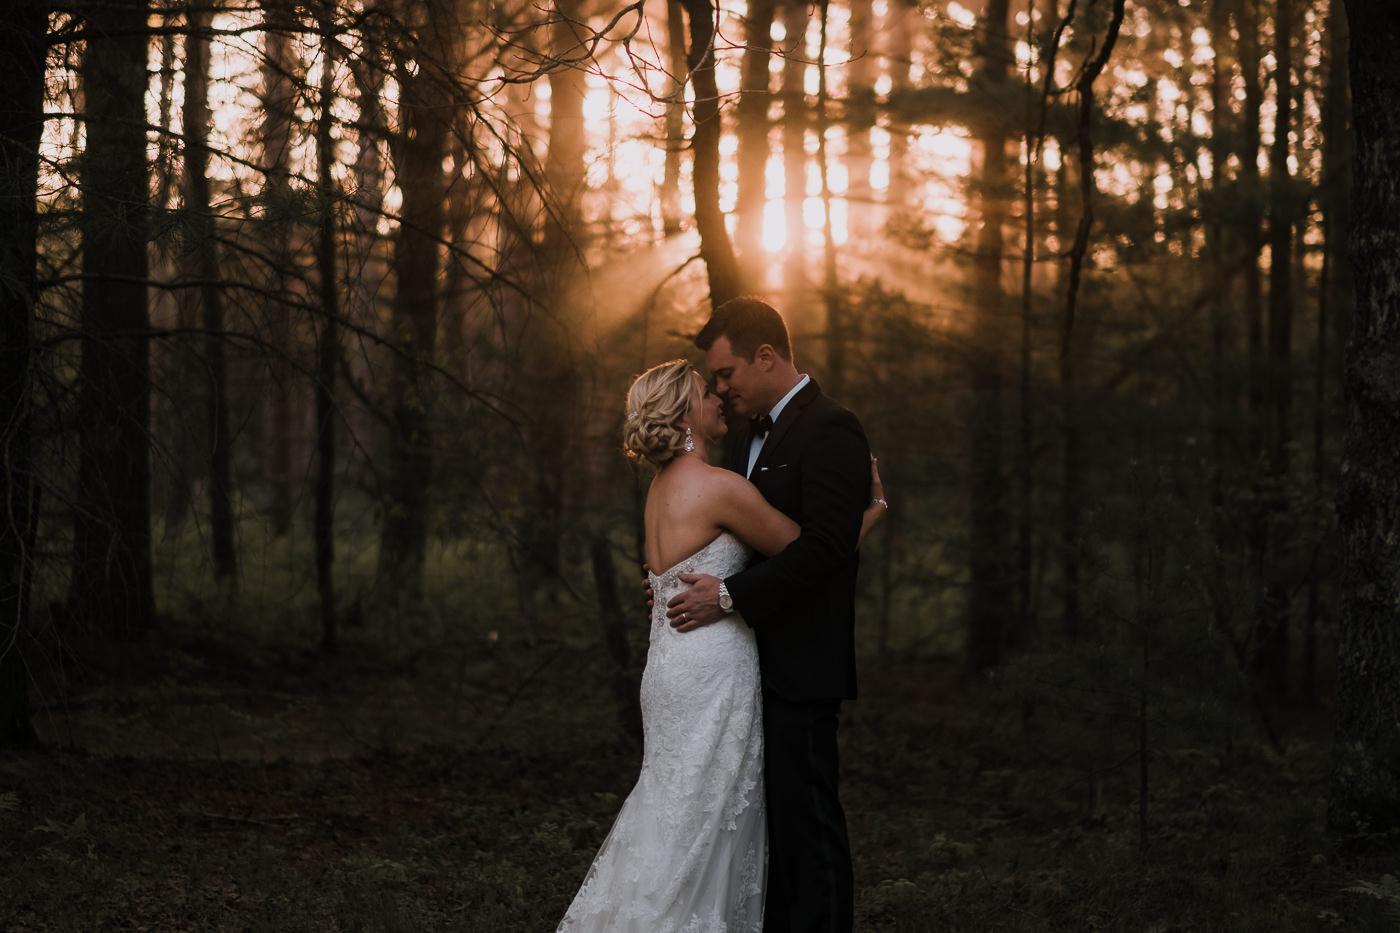 aly+jonny.web.newengland.wedding.©2017mileswittboyer-67.jpg